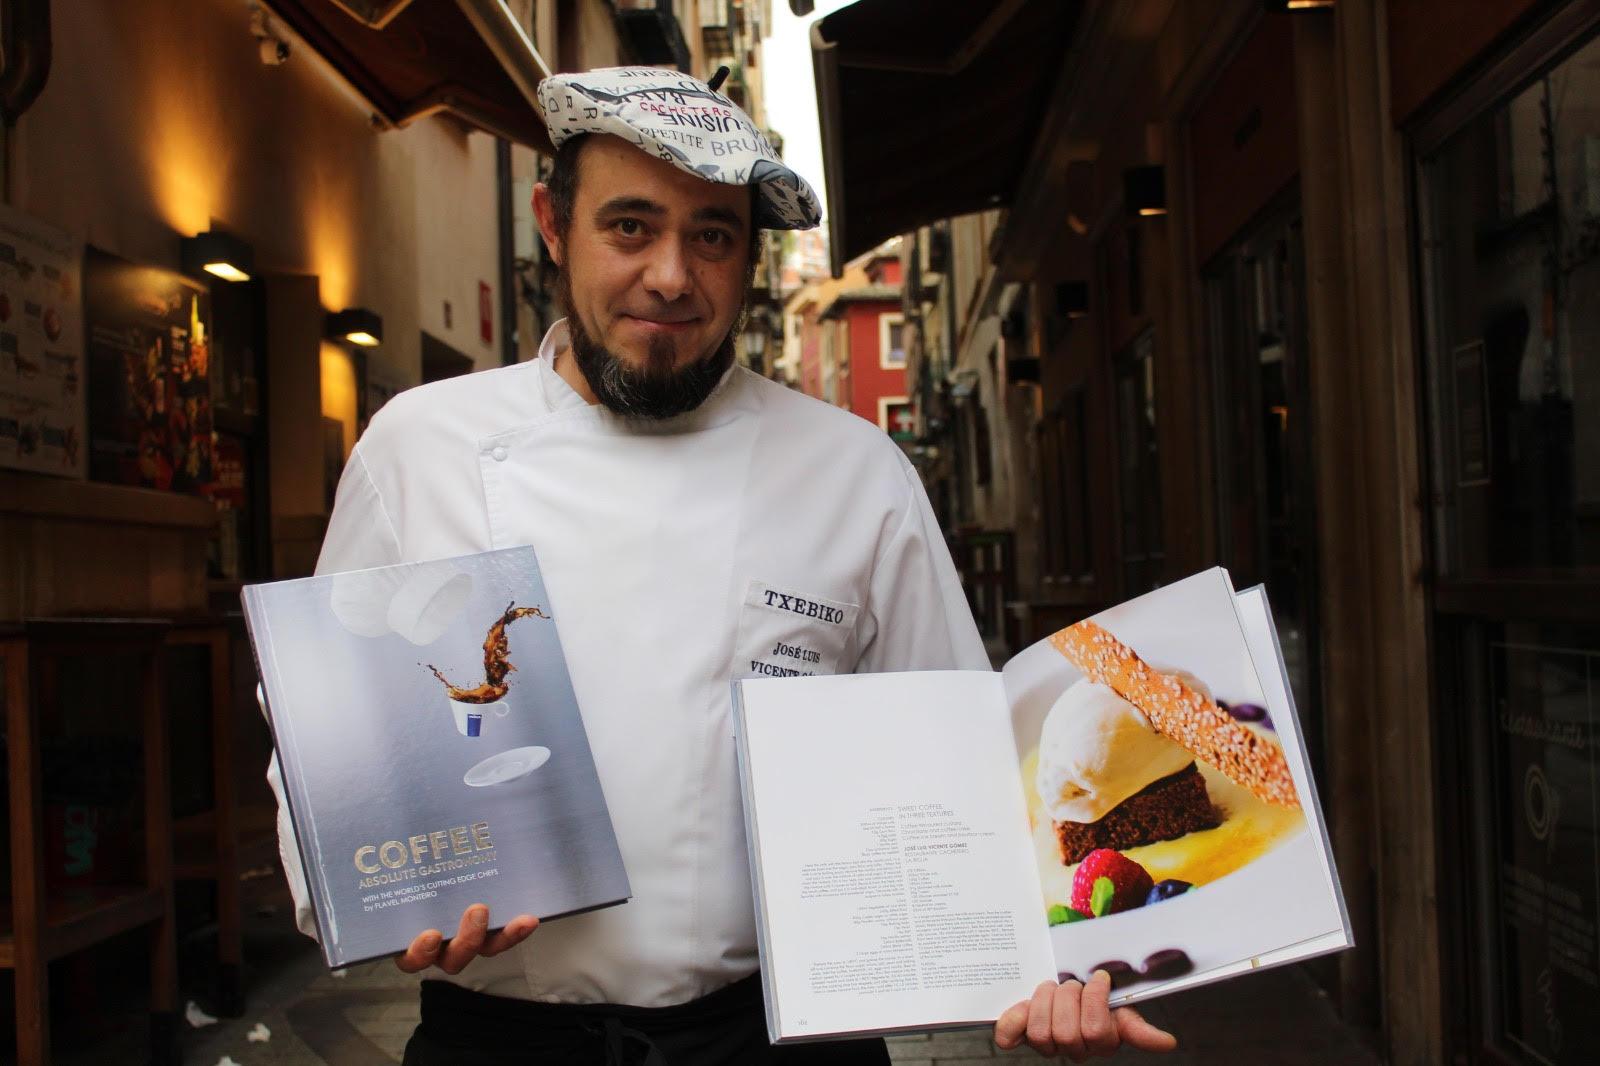 Las recetas de Txebiko incluidas en el exclusivo libro Coffee Absolute Gastronomy